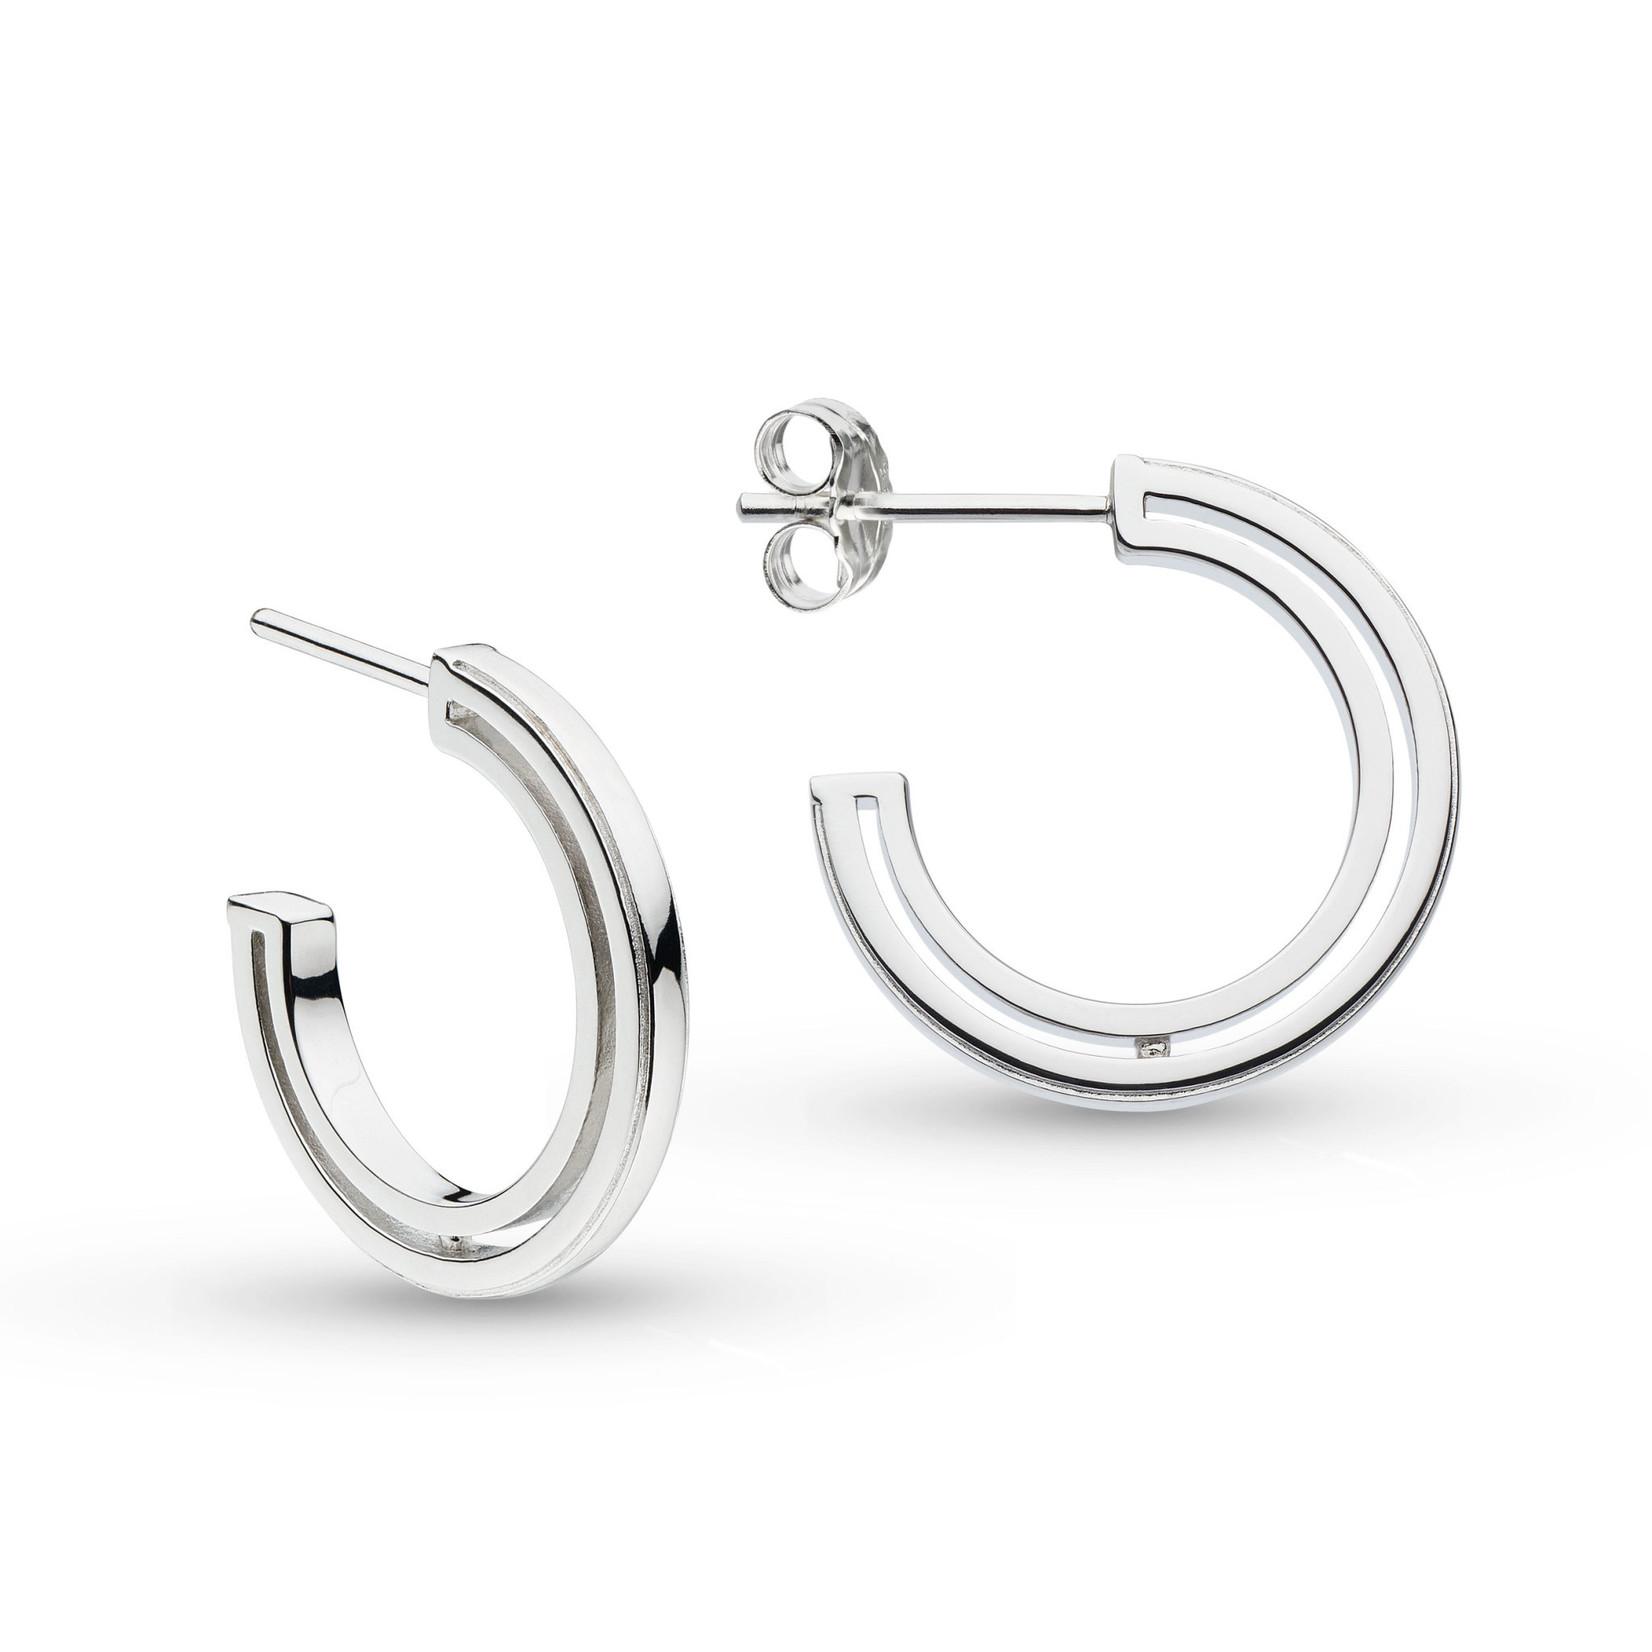 Revival Eclipse Outline Semi Hoop Stud Earrings